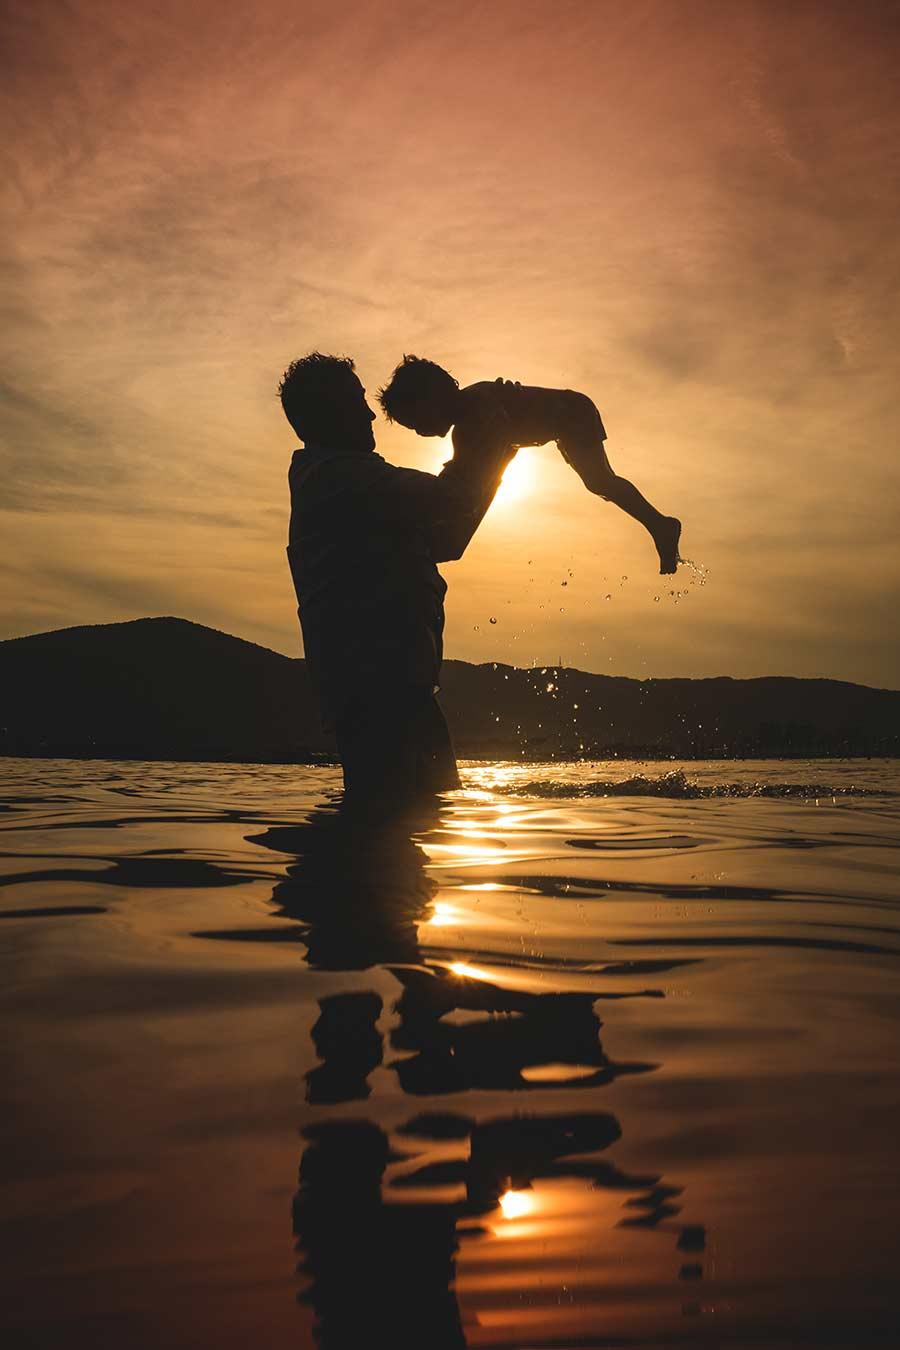 foto bambini e famiglie-la spezia-gabriele zani #kids mare estate #family tramonto